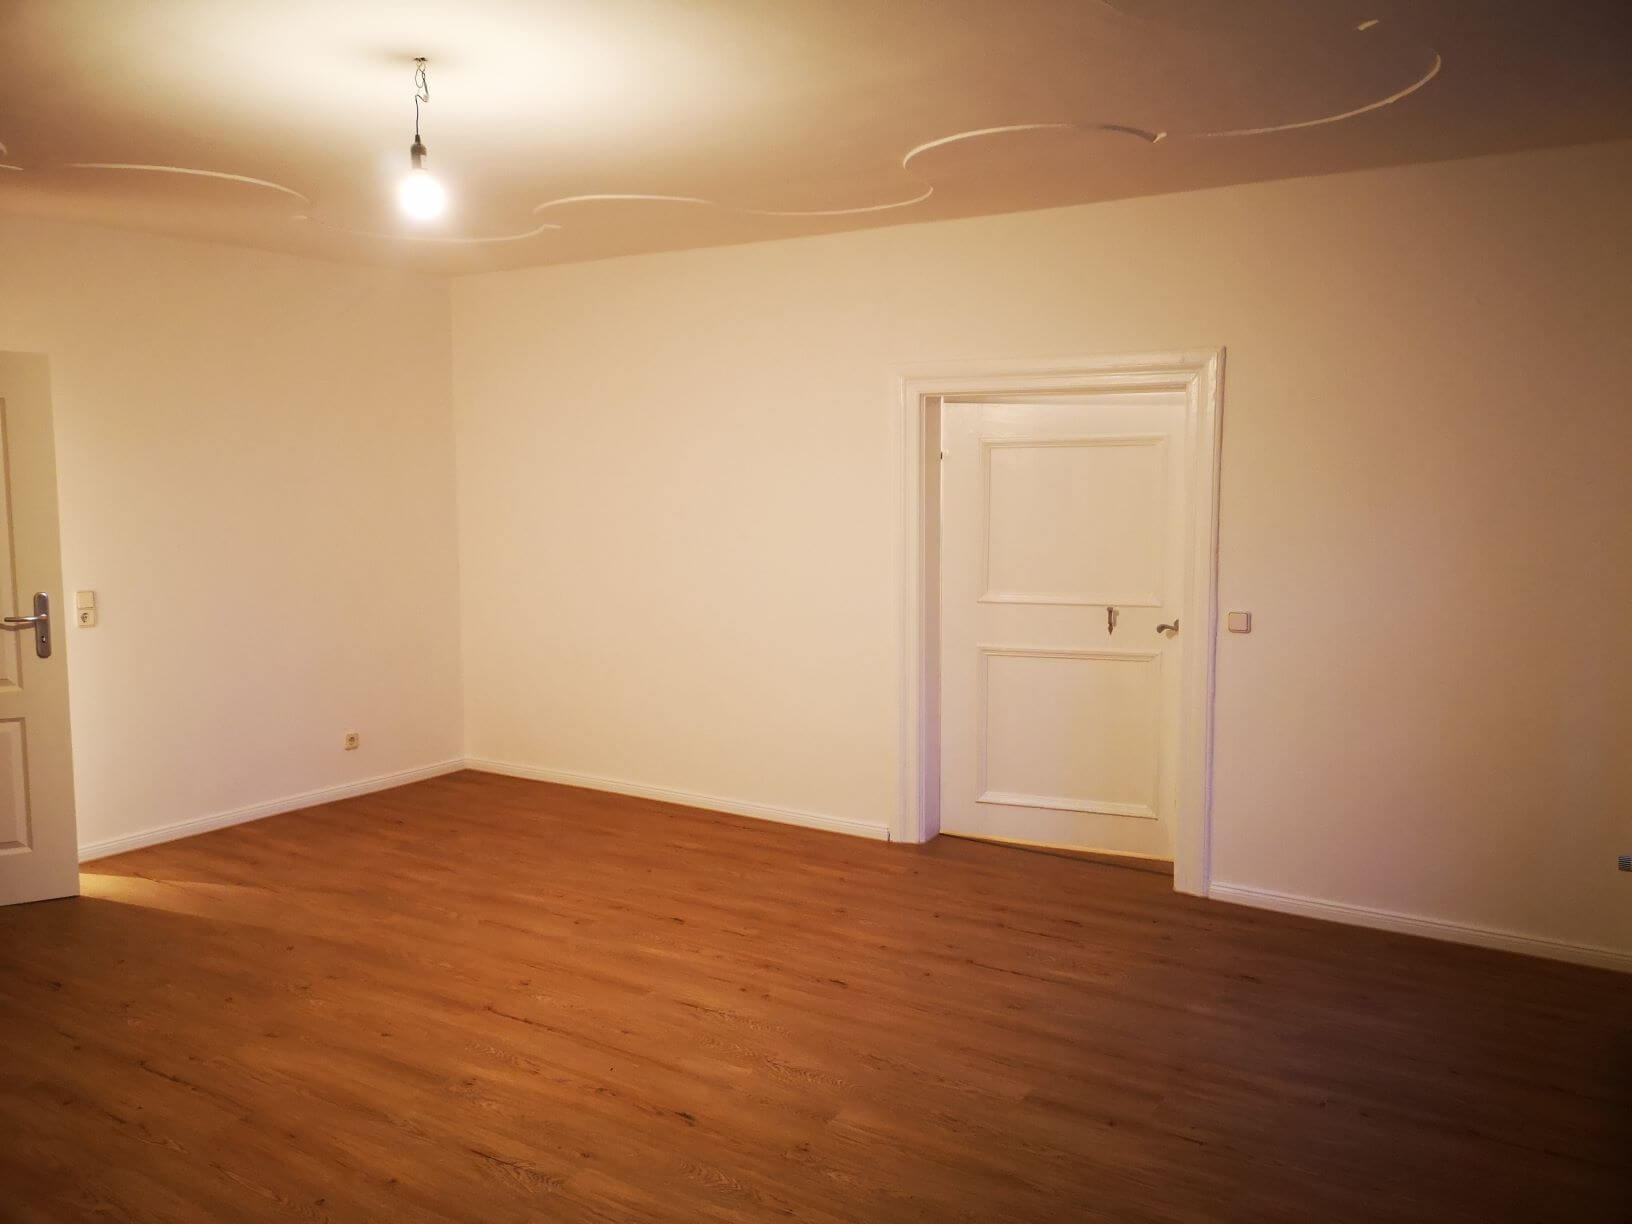 Wohnzimmer alte Tür freigelegt und aufgearbeitet